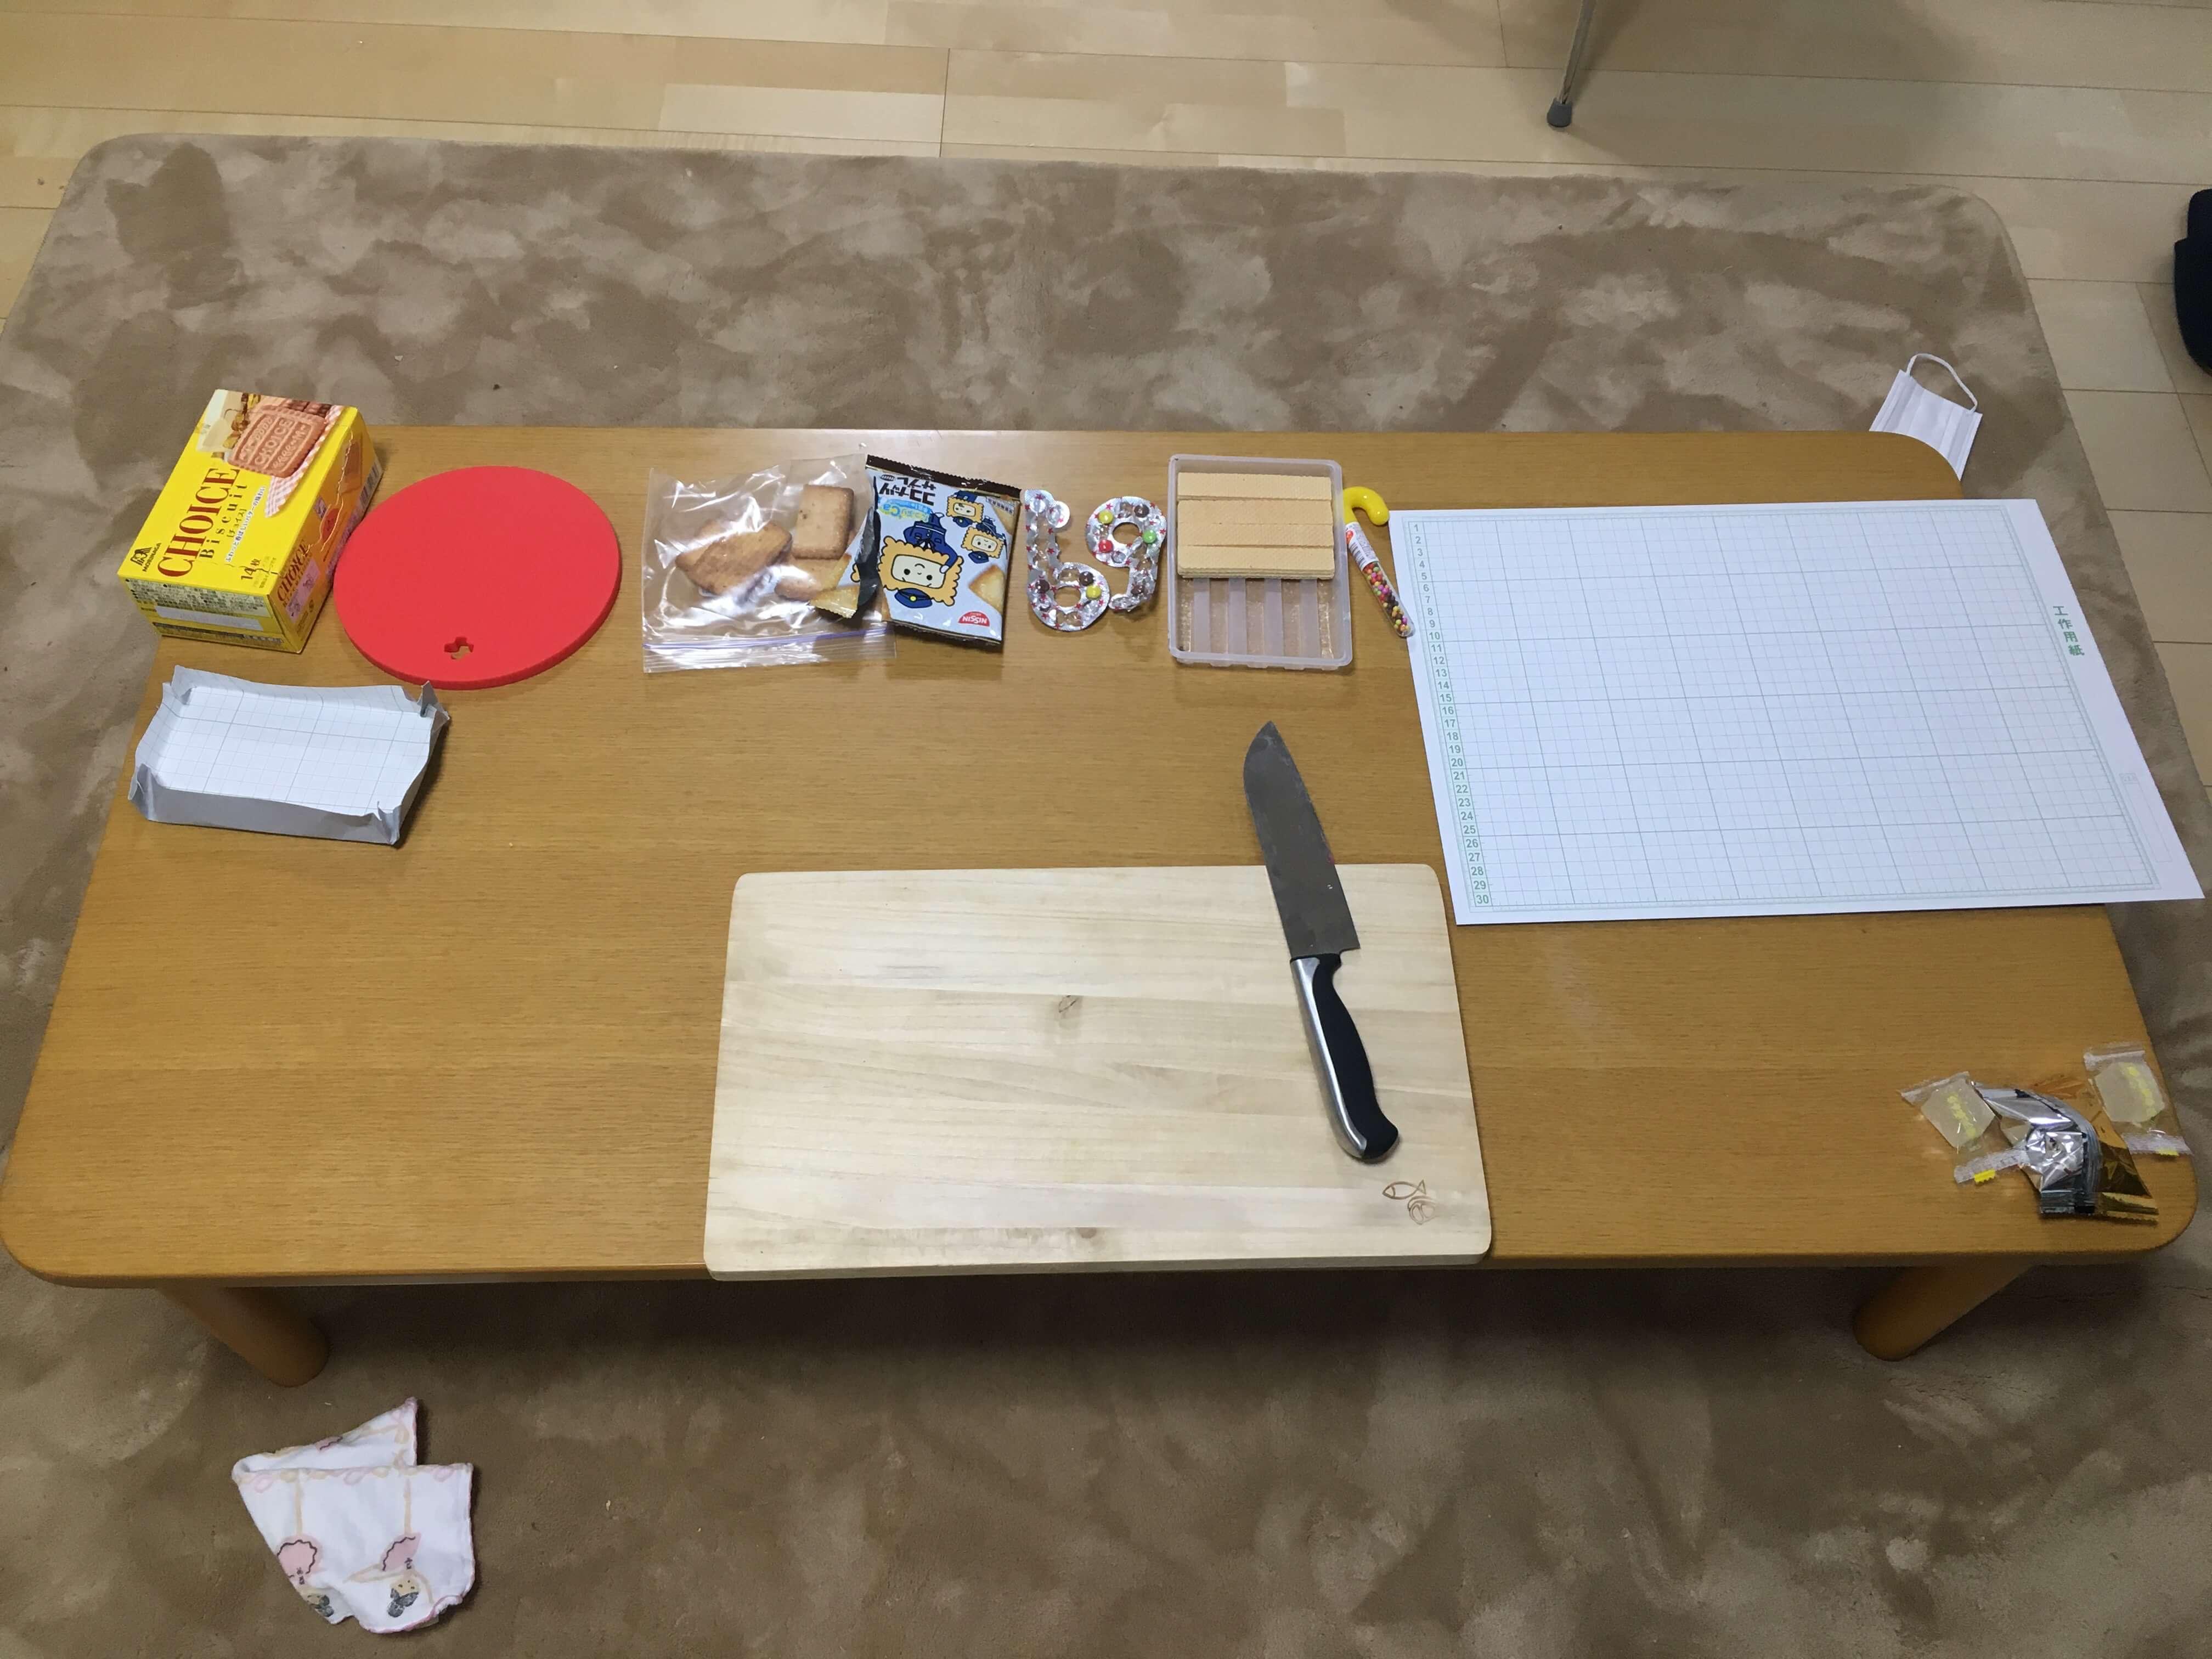 こらぼジャーナル(8)「裏・お菓子の家を作りたい!!」〜協同から生まれるもの〜